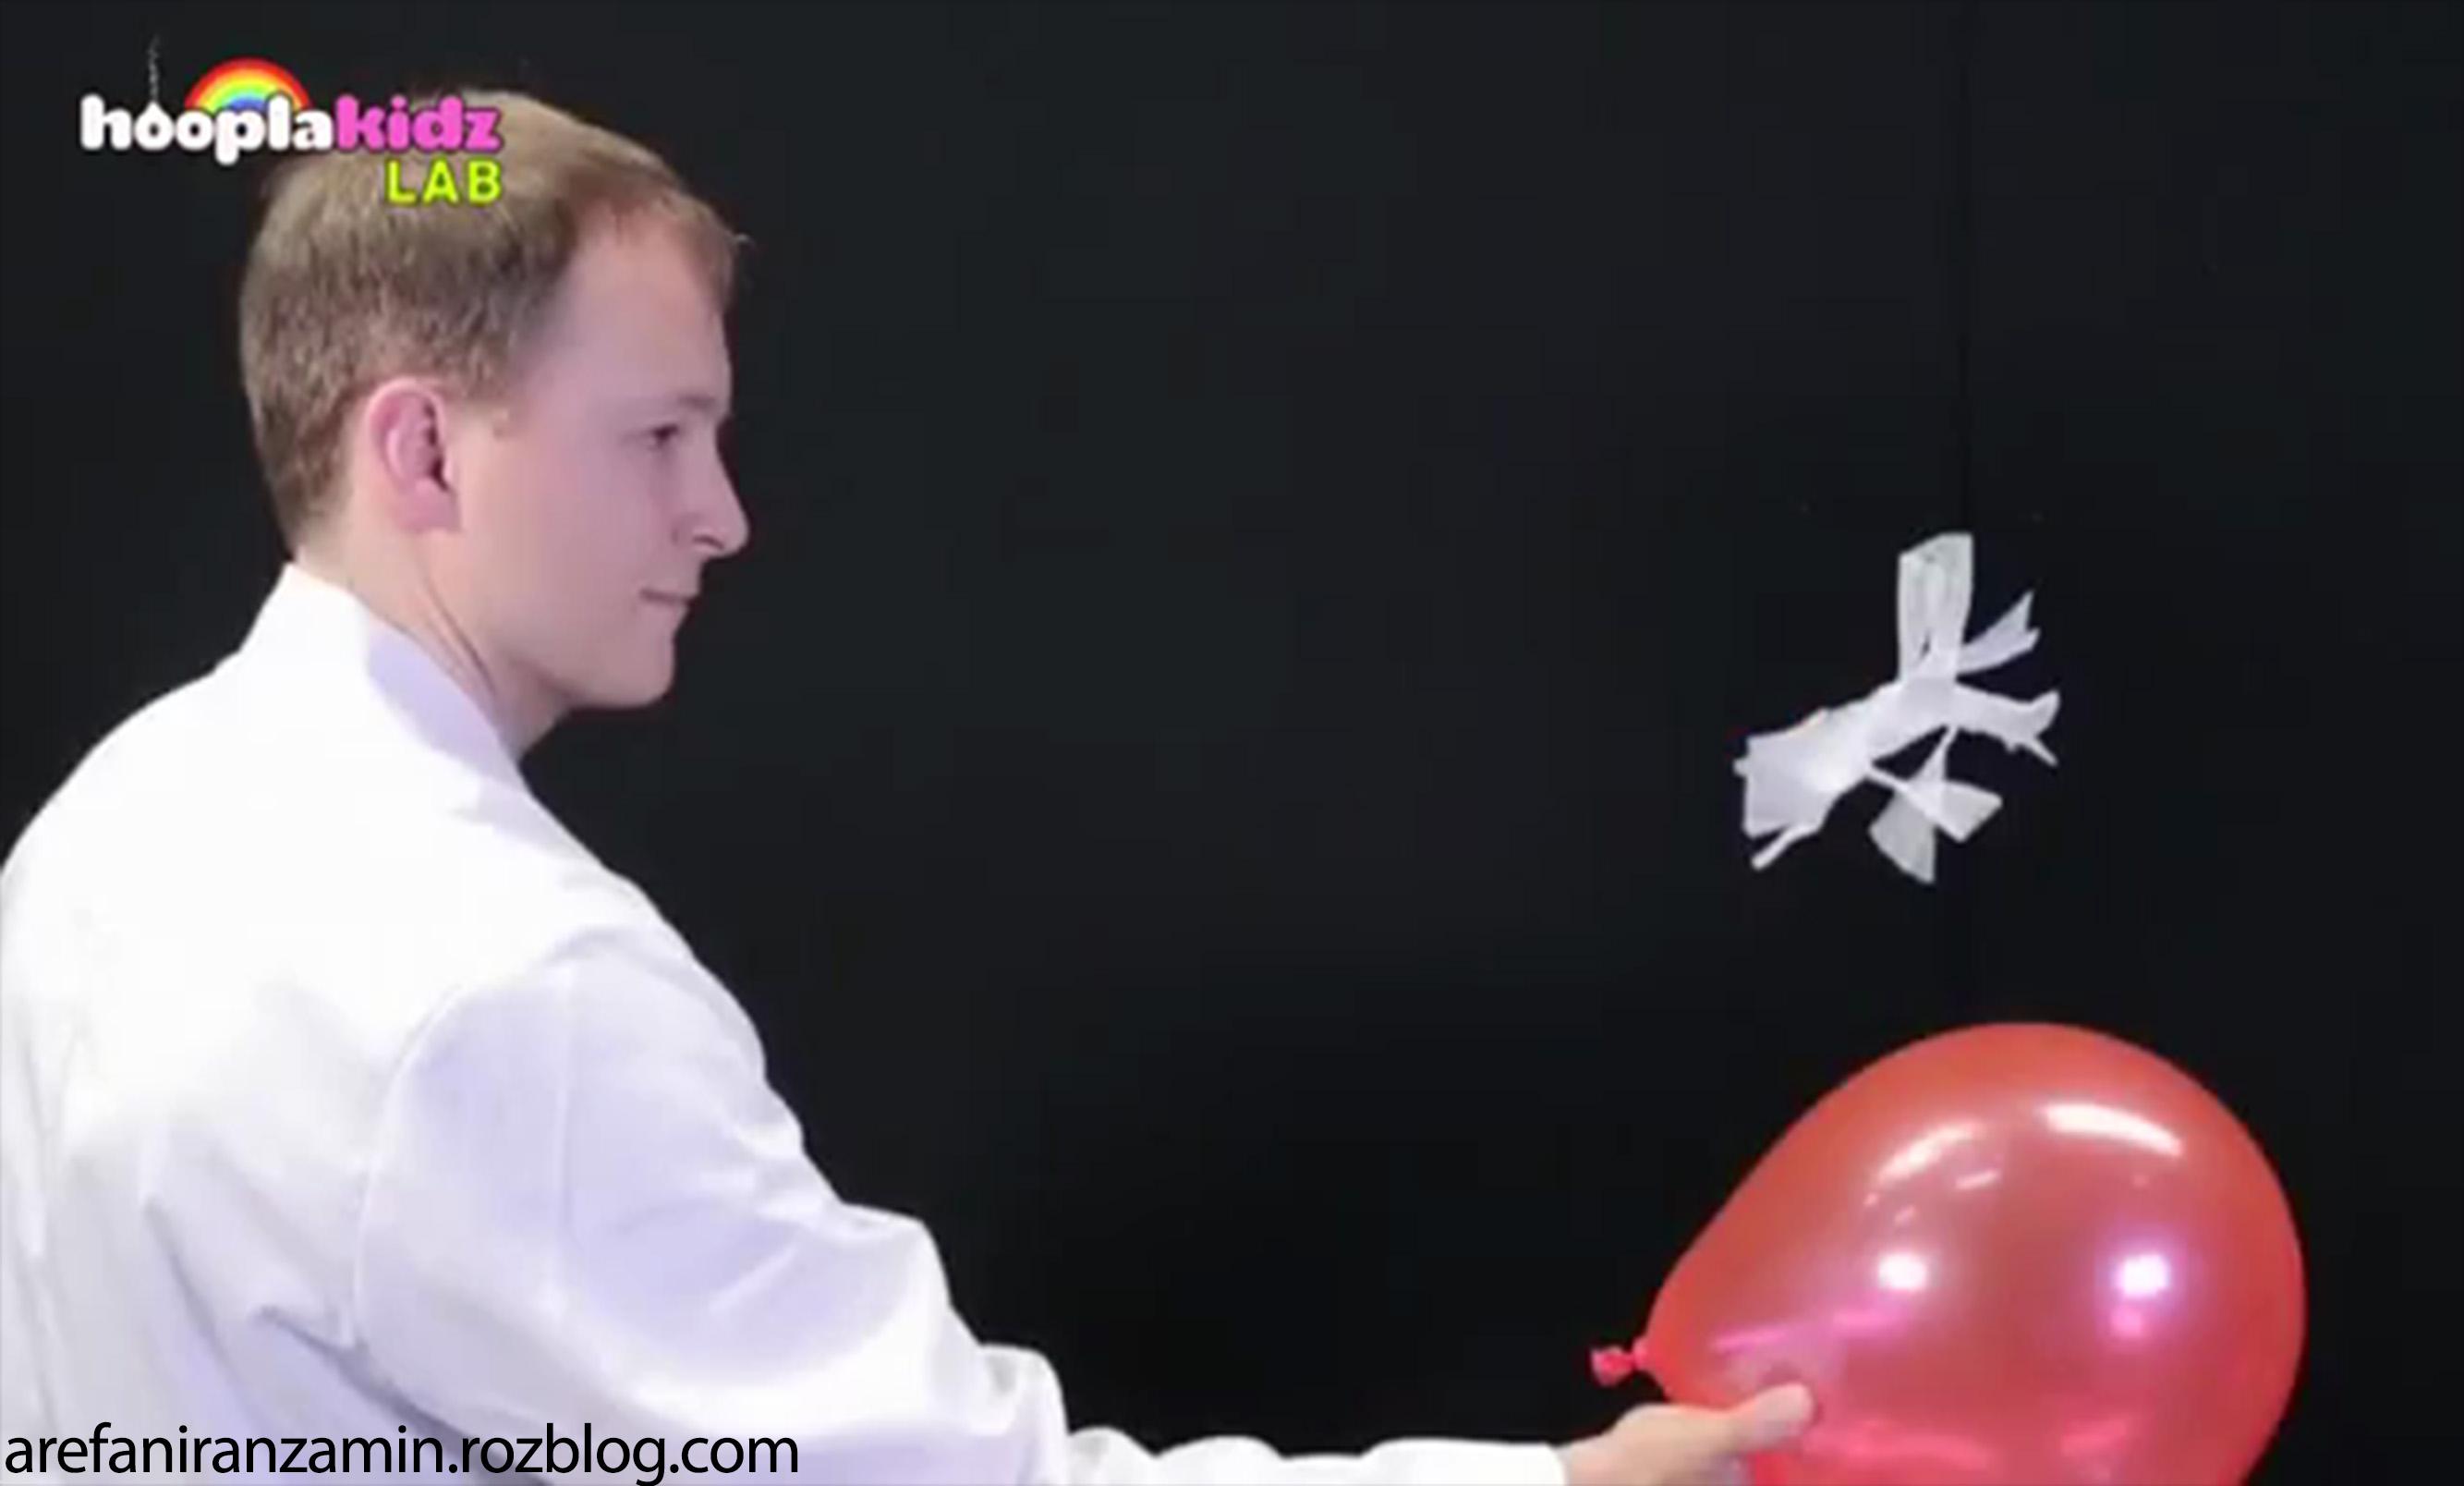 کلیپ آزمایشی جالب با الکتریسیته ساکن